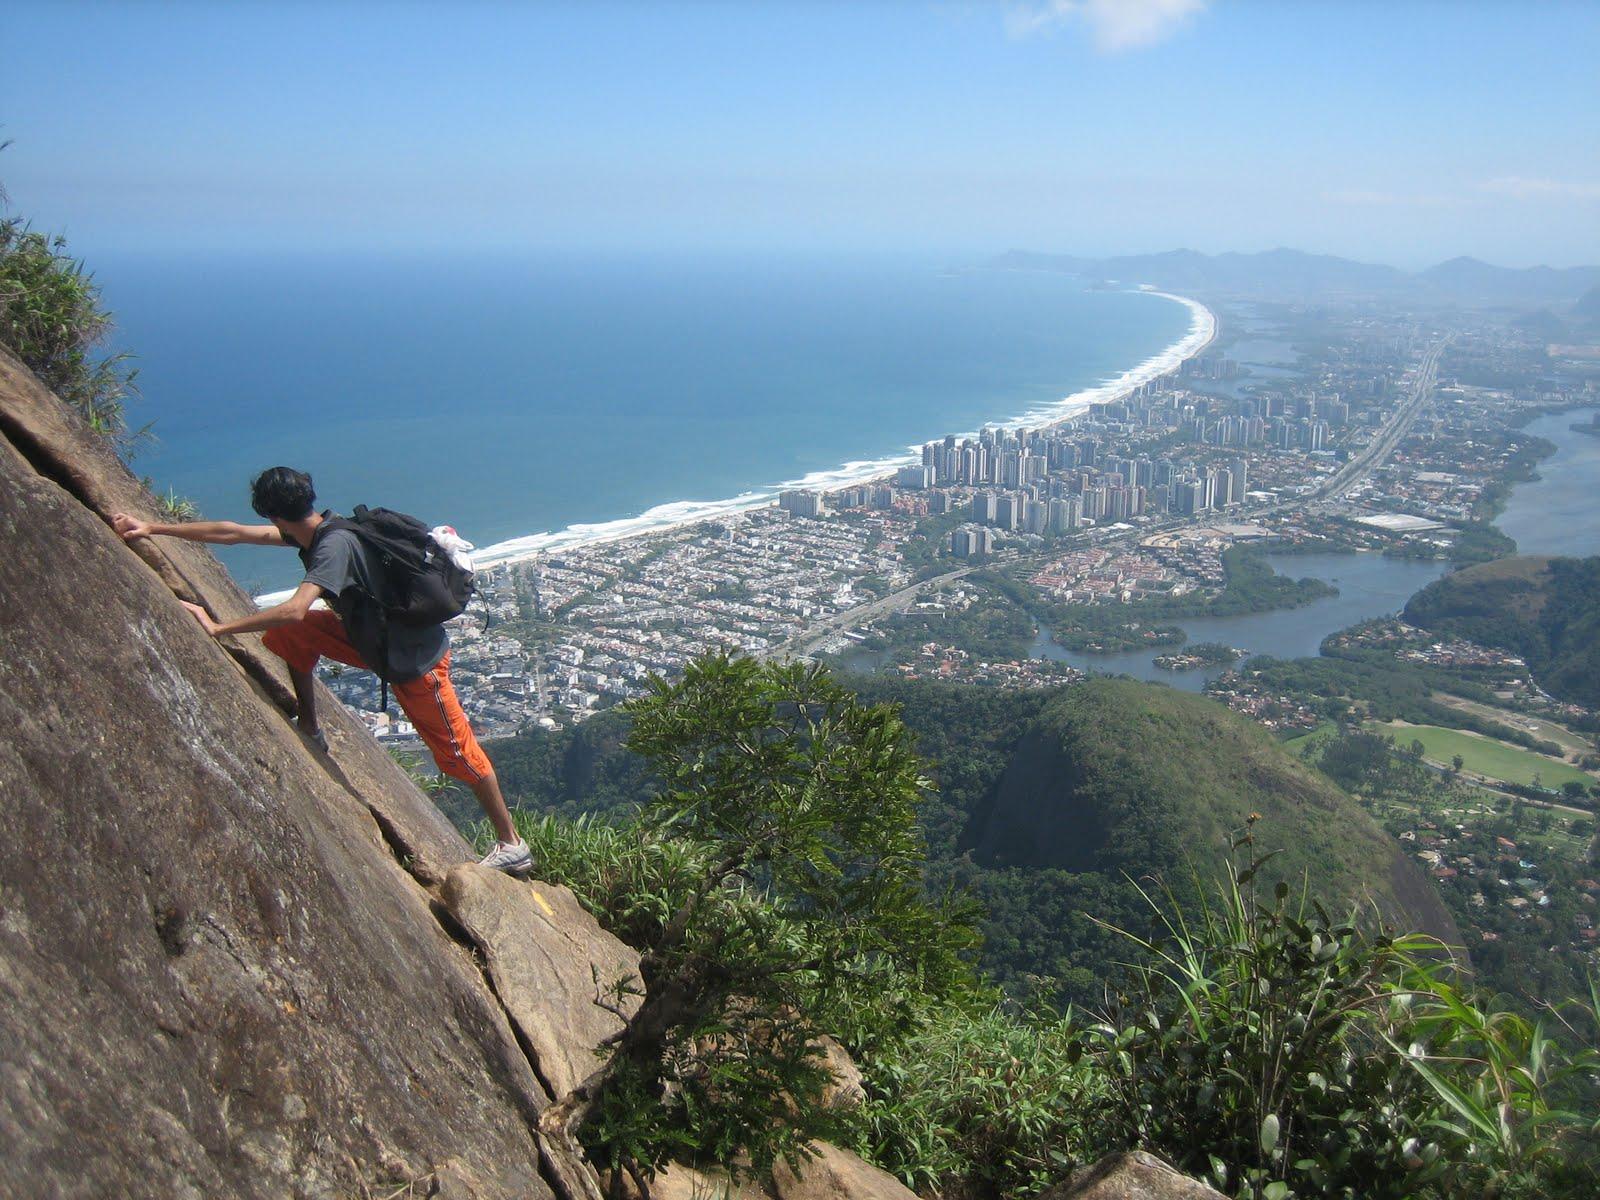 Homem escalando pedra no caminho de uma das trilhas do Rio de Janeiro.